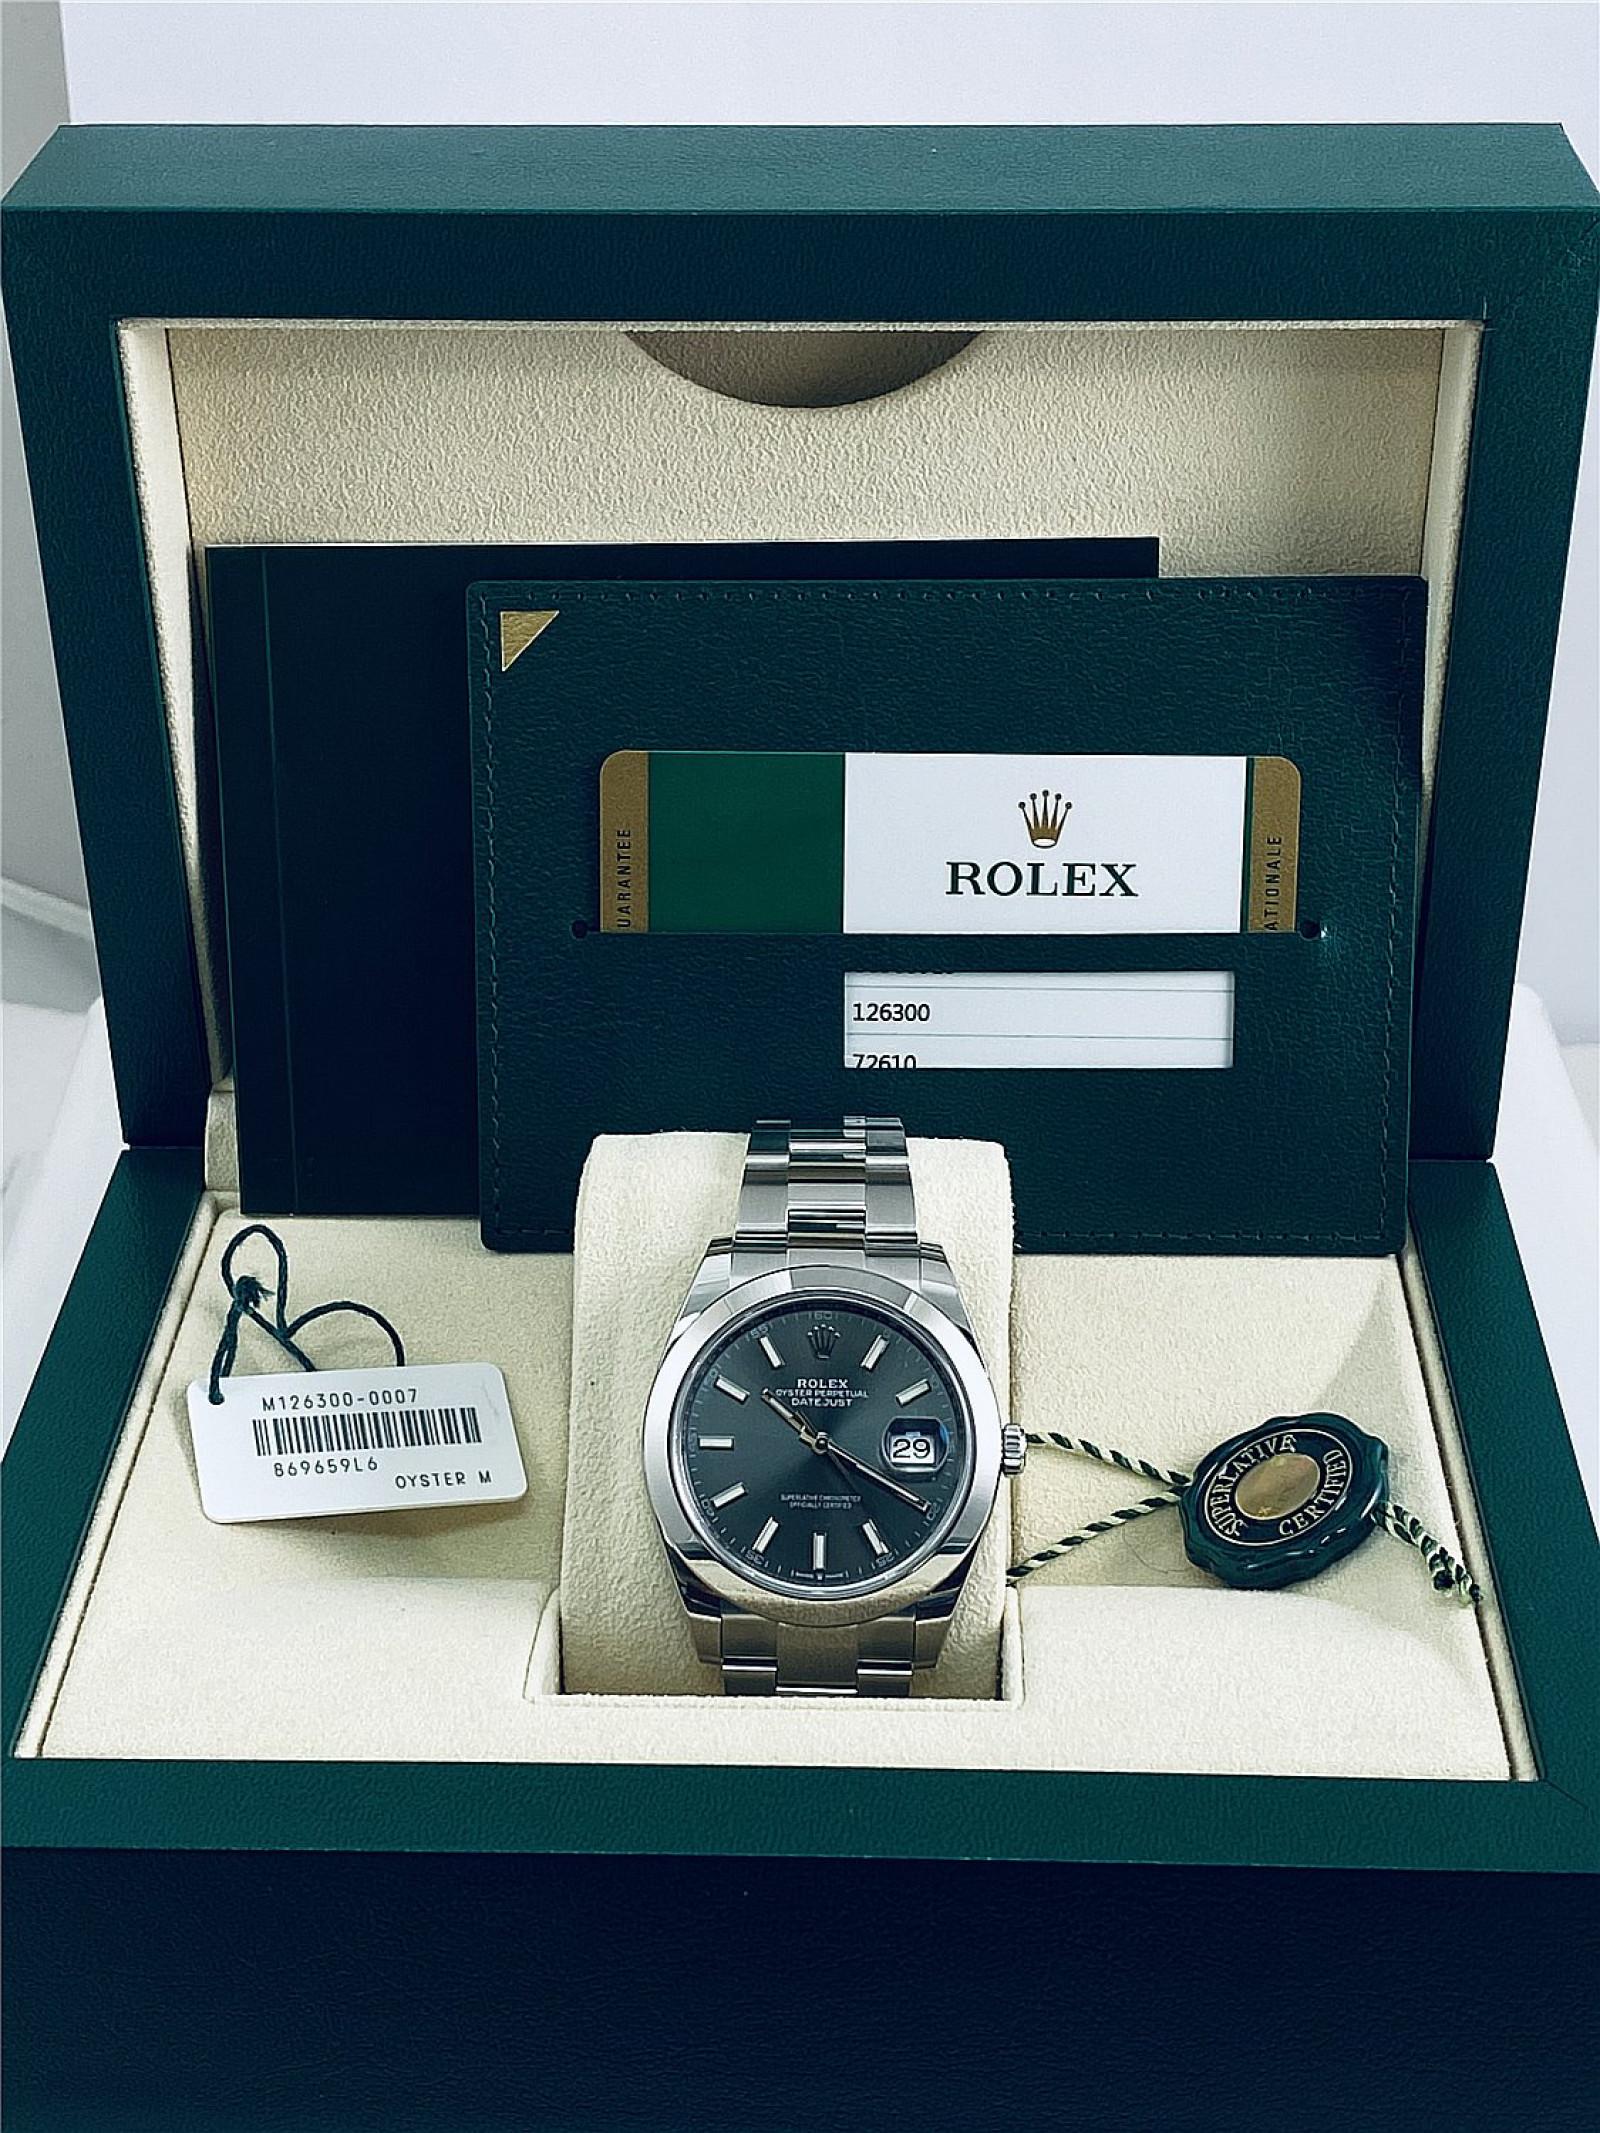 2019 Dark Rhodium Rolex Datejust Ref. 126300